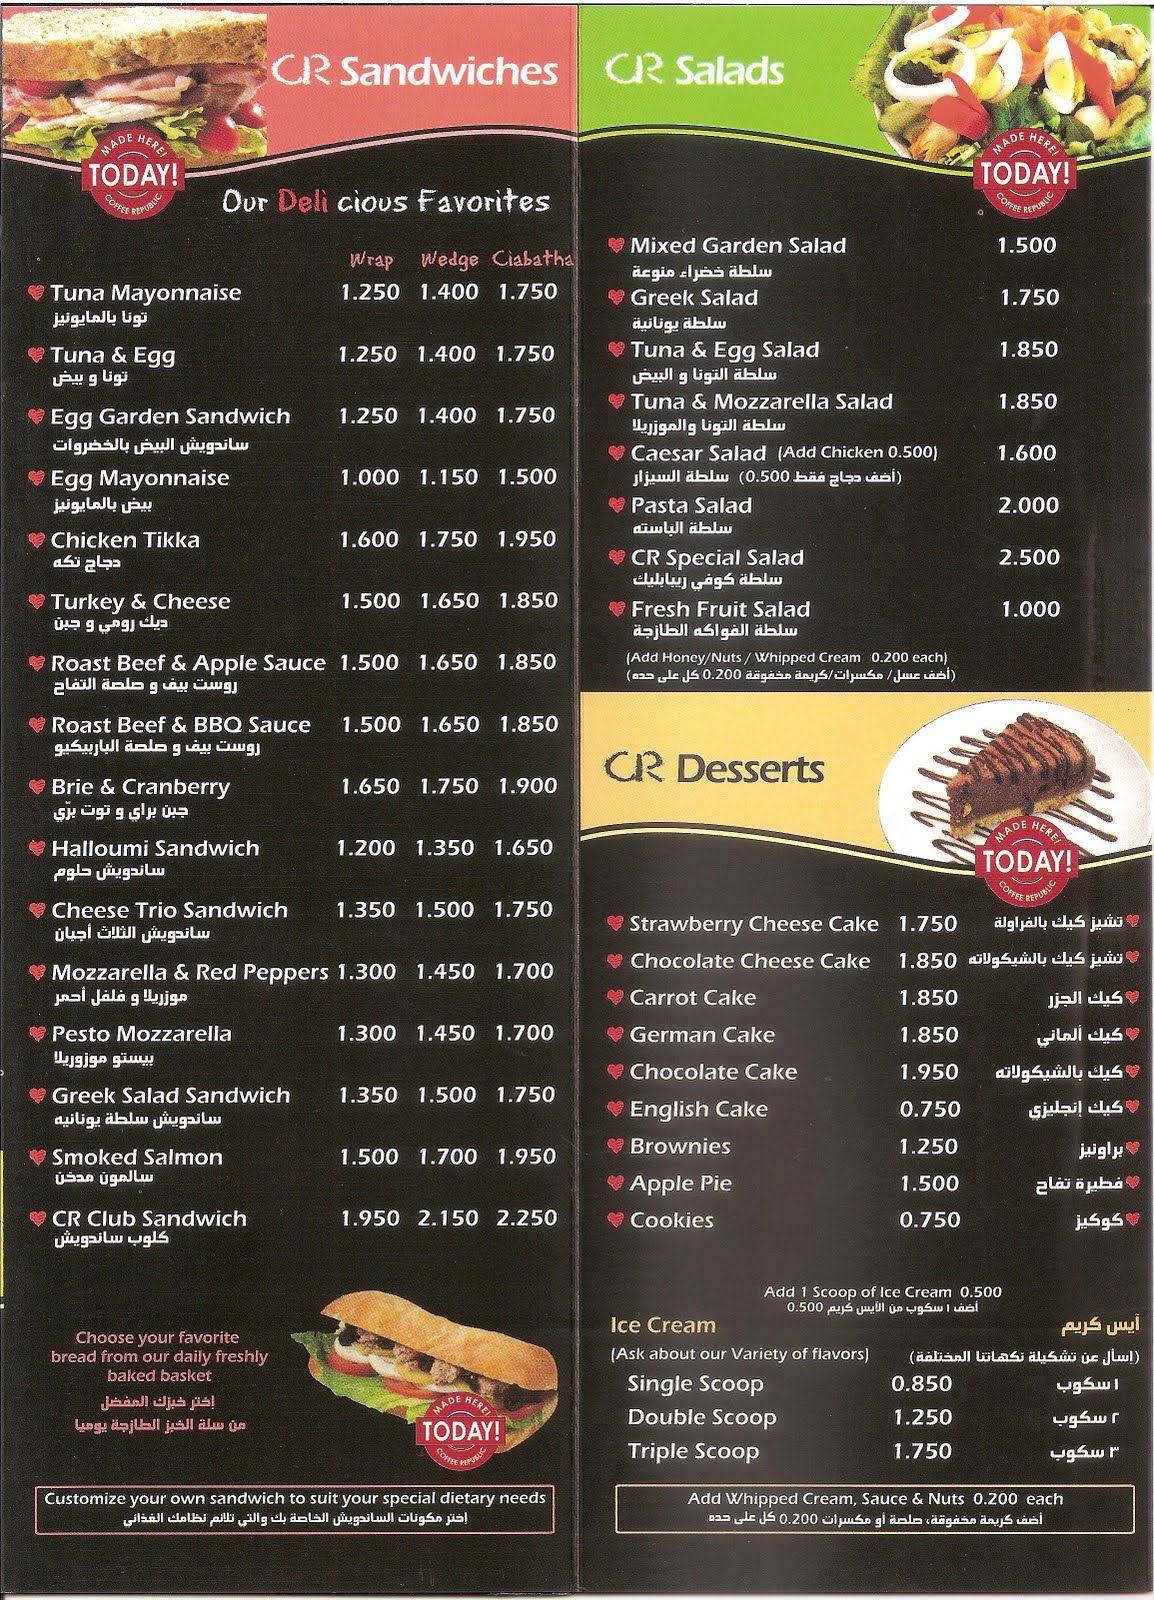 White apron sandwiches dc menu - Sandwich Shop Menu Kuwait The Food Blog